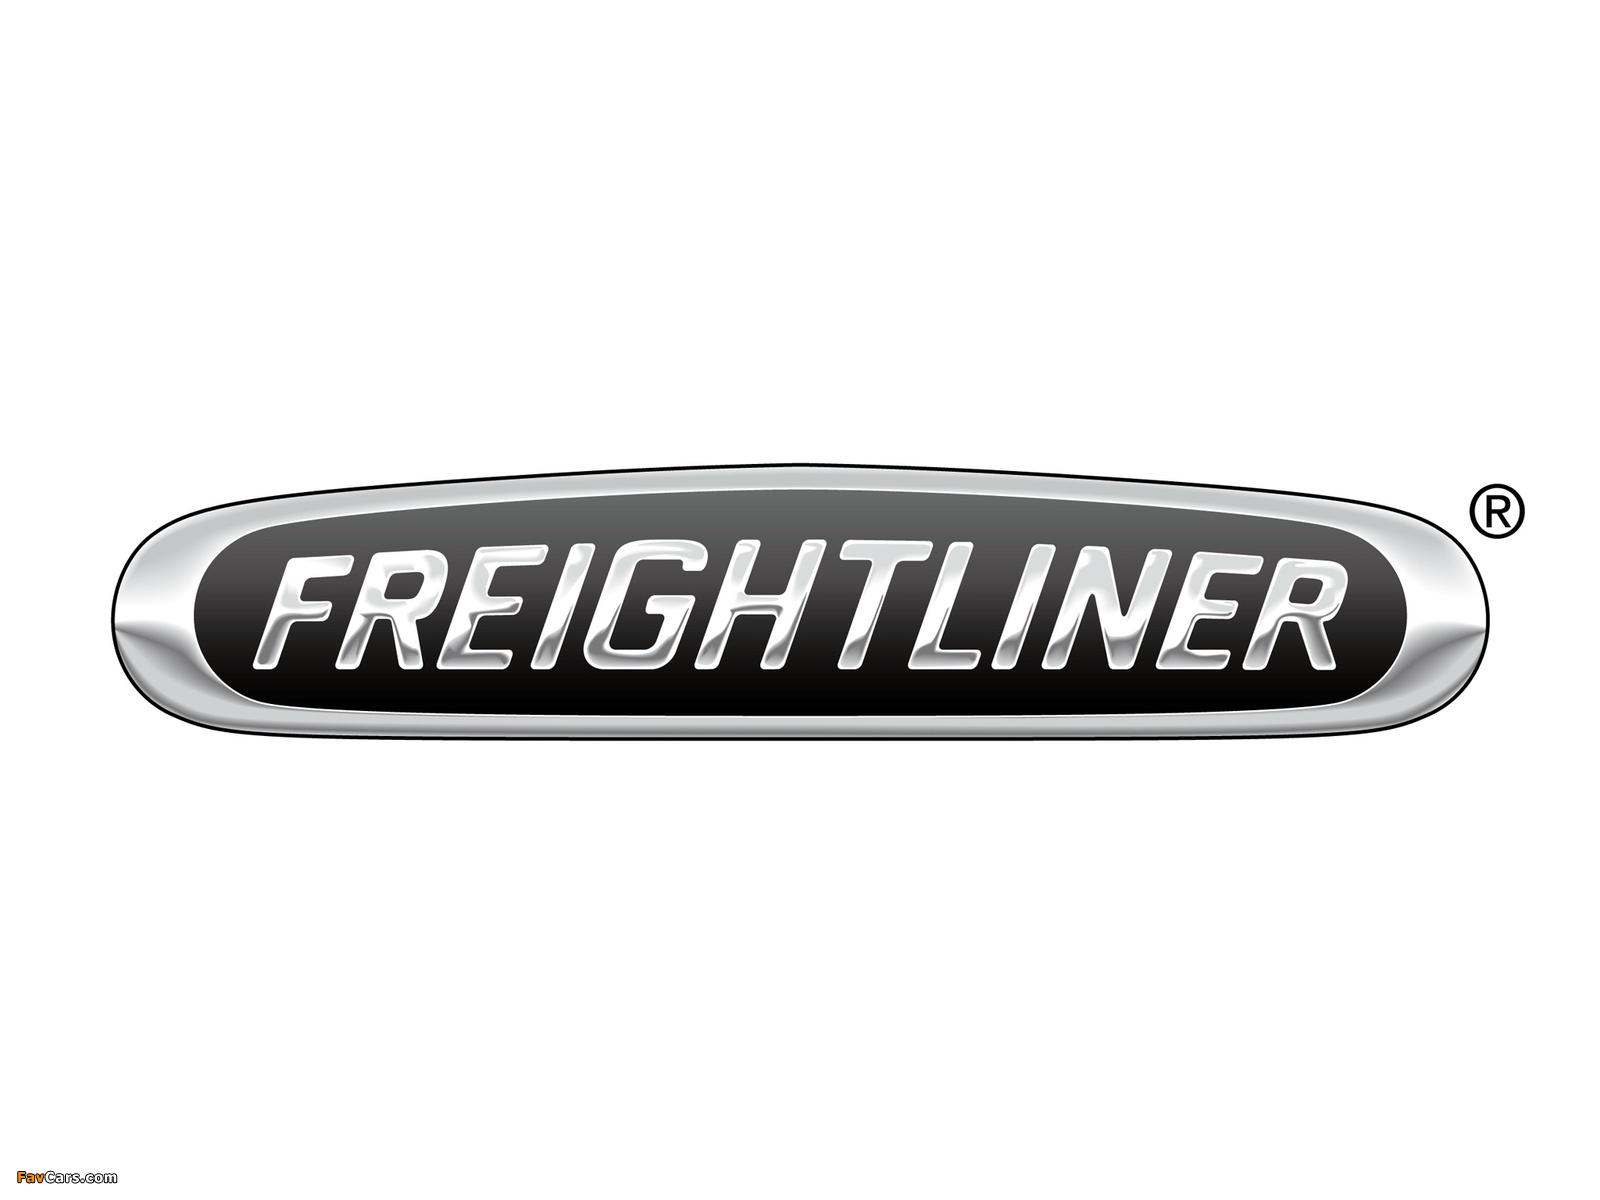 Freightliner photos (1600 x 1200)